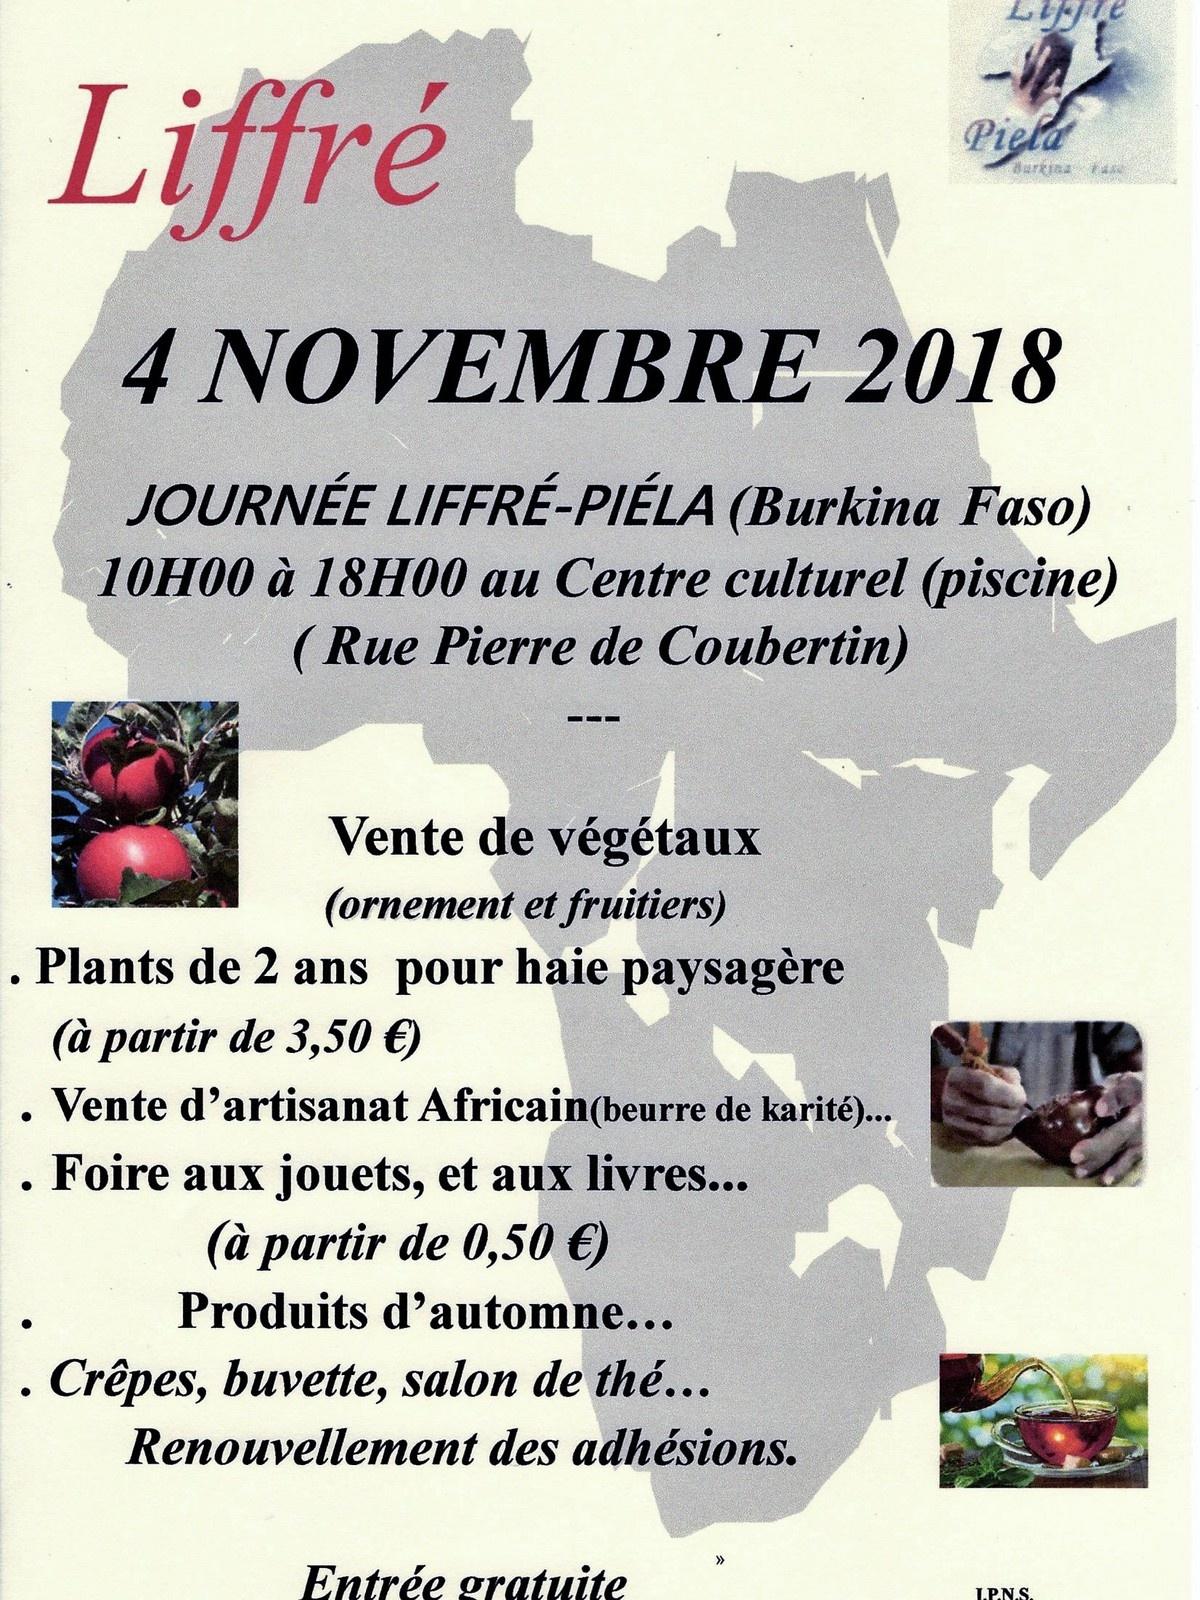 Fete : Dimanche 4 Novembre 2018 - Liffrepiela.overblog destiné Piscine Liffré